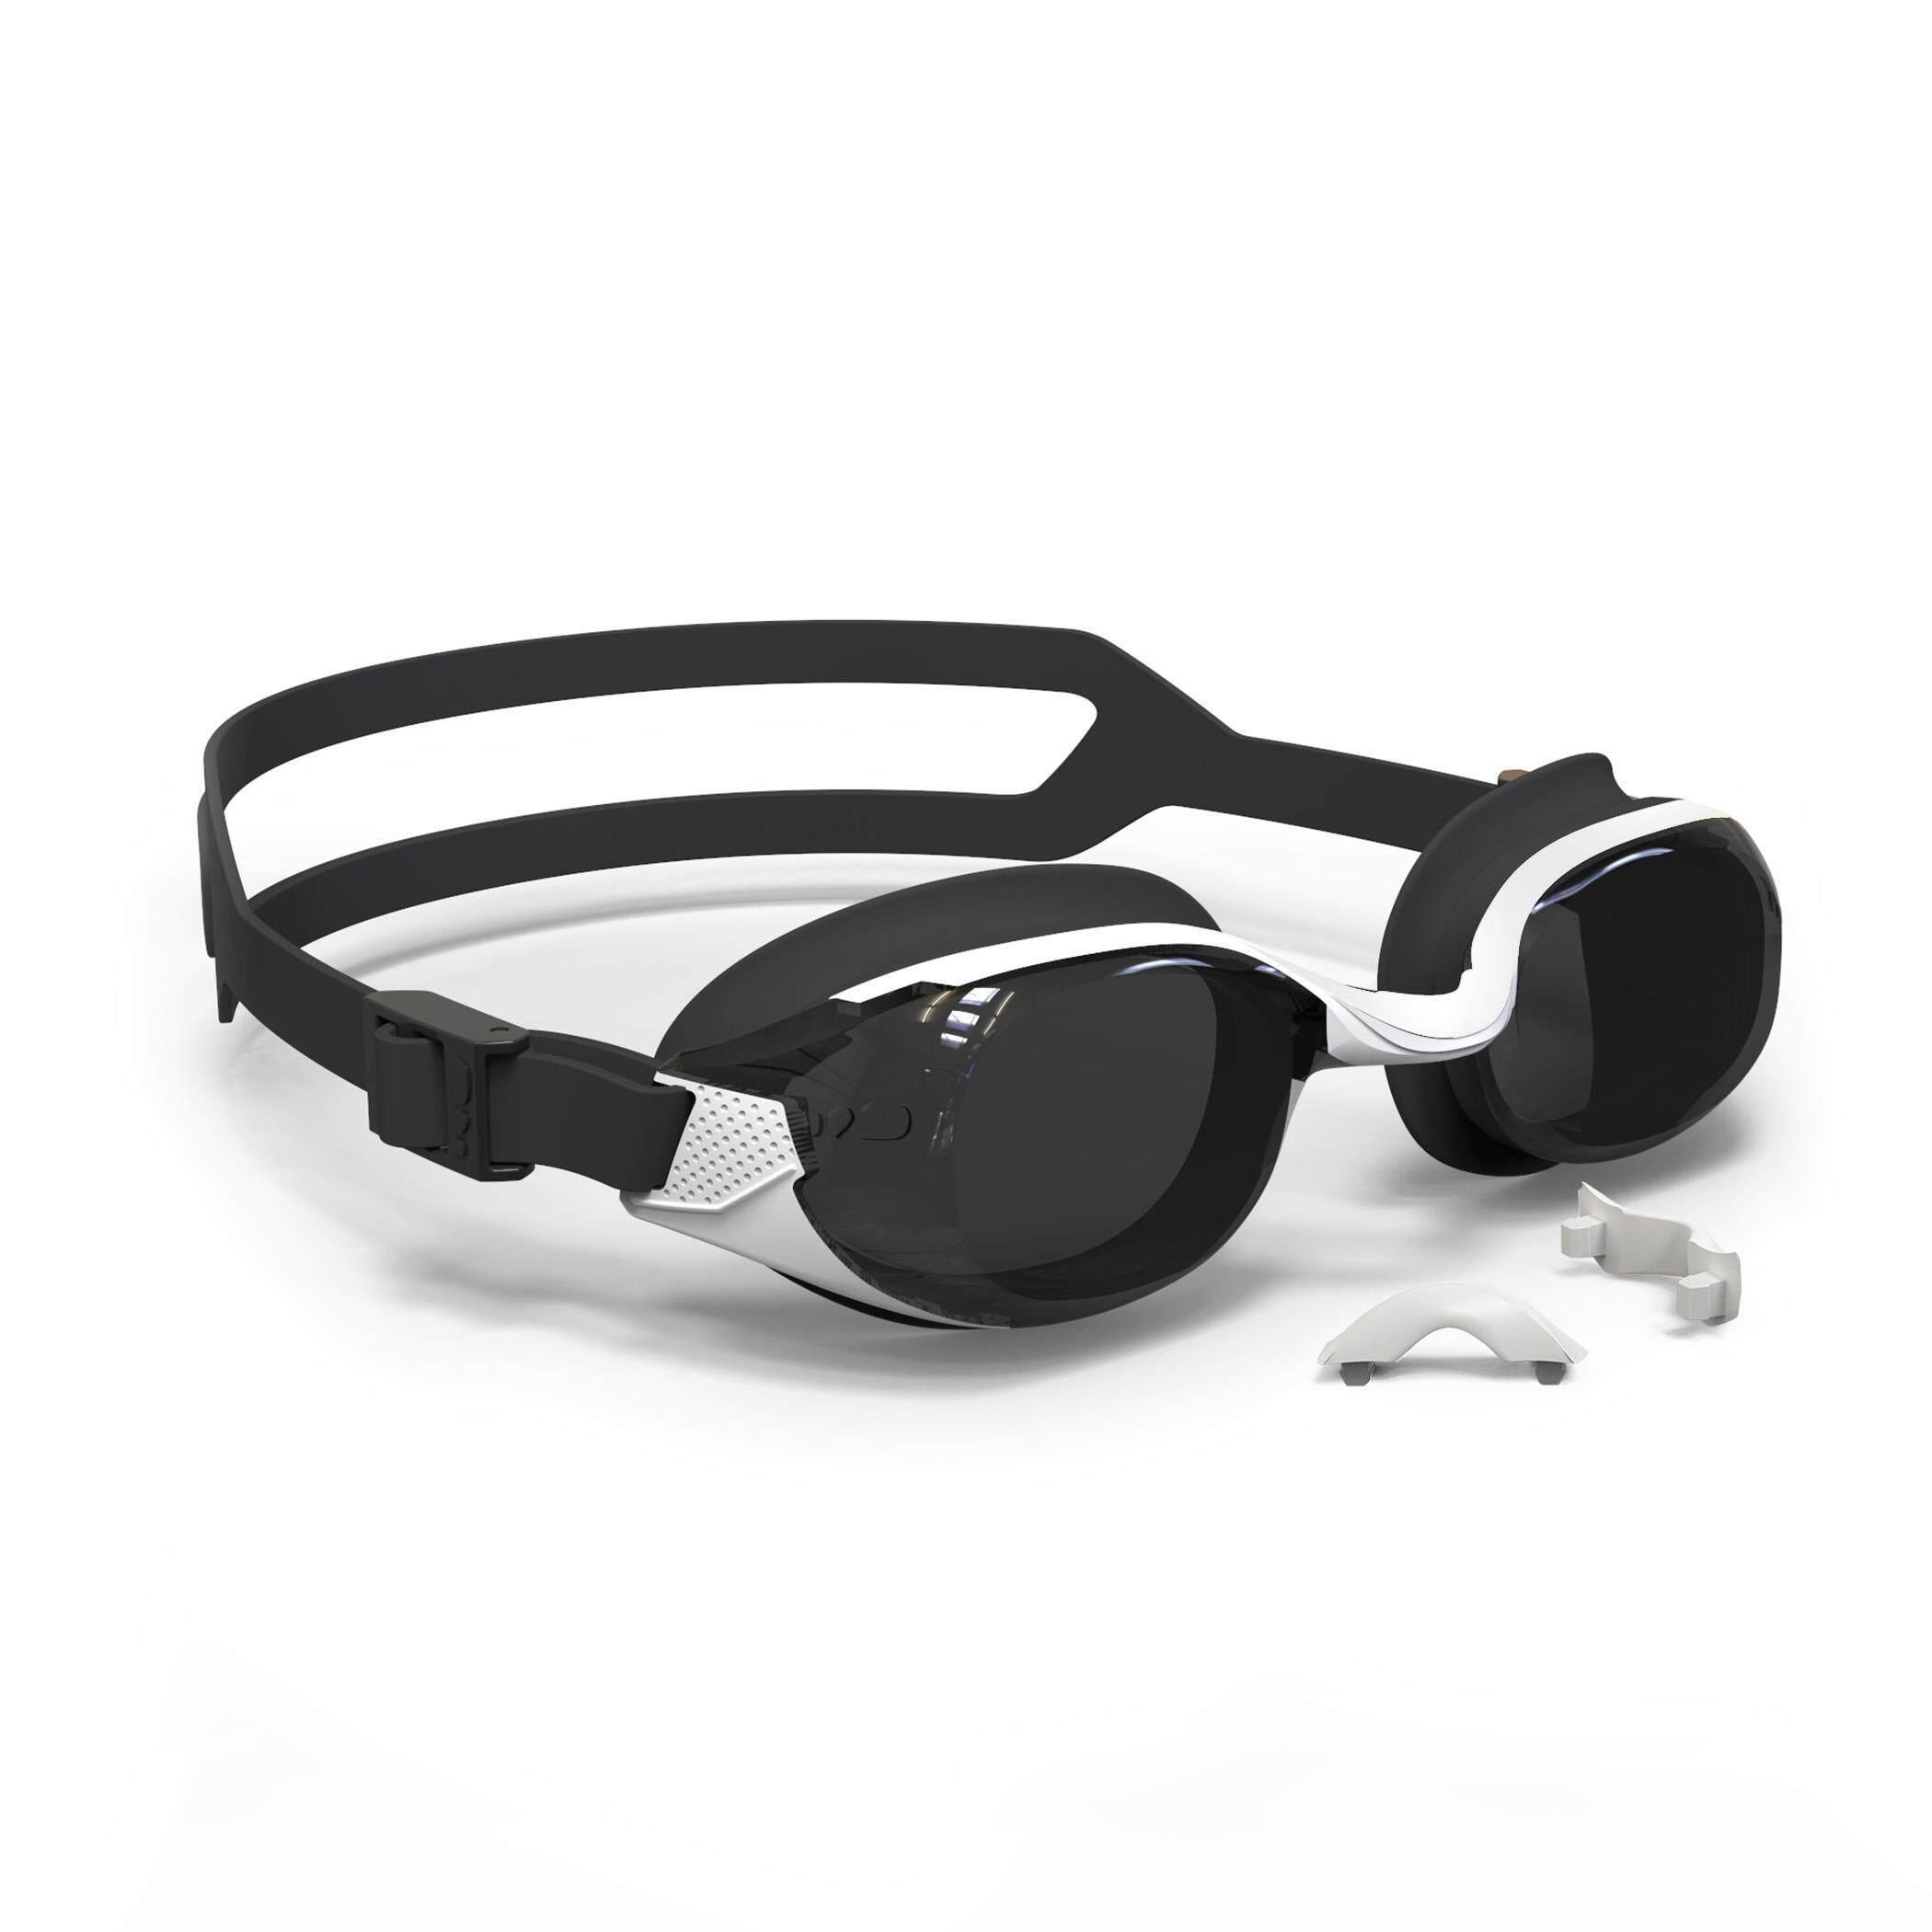 [ด่วน!! โปรโมชั่นมีจำนวนจำกัด] แว่นตาว่ายน้ำรุ่น 500 B-FIT (สีขาว/ดำ เลนส์สีเทา SMOKE) สำหรับ ว่ายน้ำ